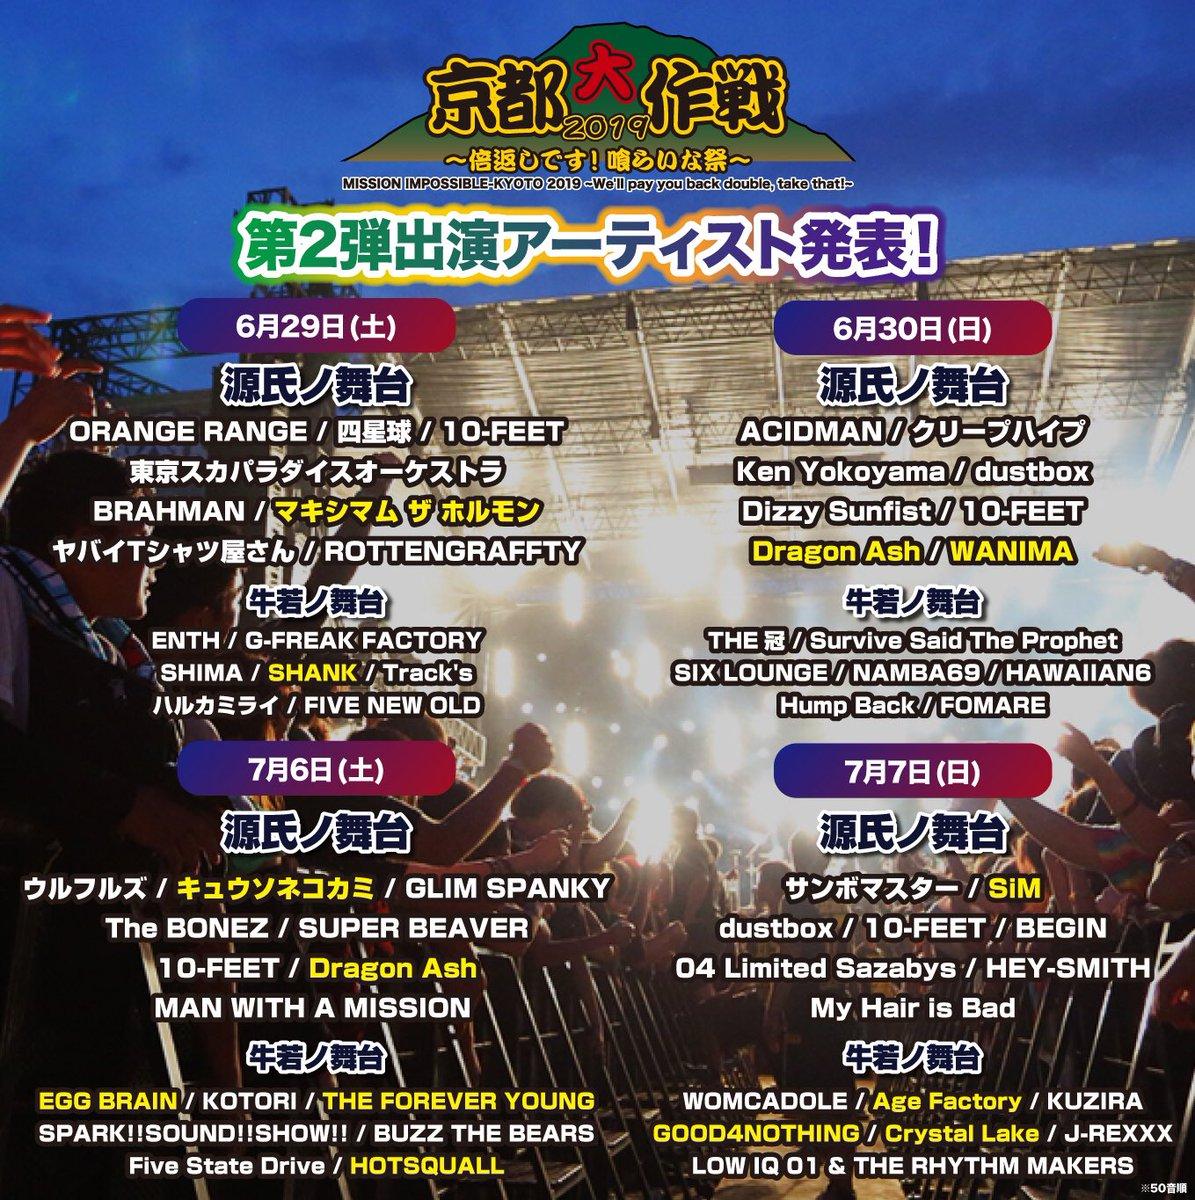 """test ツイッターメディア - 京都府立山城総合運動公園にて開催される""""京都大作戦2019~倍返しです!喰らいな祭~""""に出演決定! ホルモンの出演日は6月29日(土)となります。 詳細はホルモン公式サイトをご覧ください。 https://t.co/rVMHdB6JKO byミミカジル  #ホルモン復活したからって調子こいてフェス出過ぎ https://t.co/Hh2tH7rti4"""